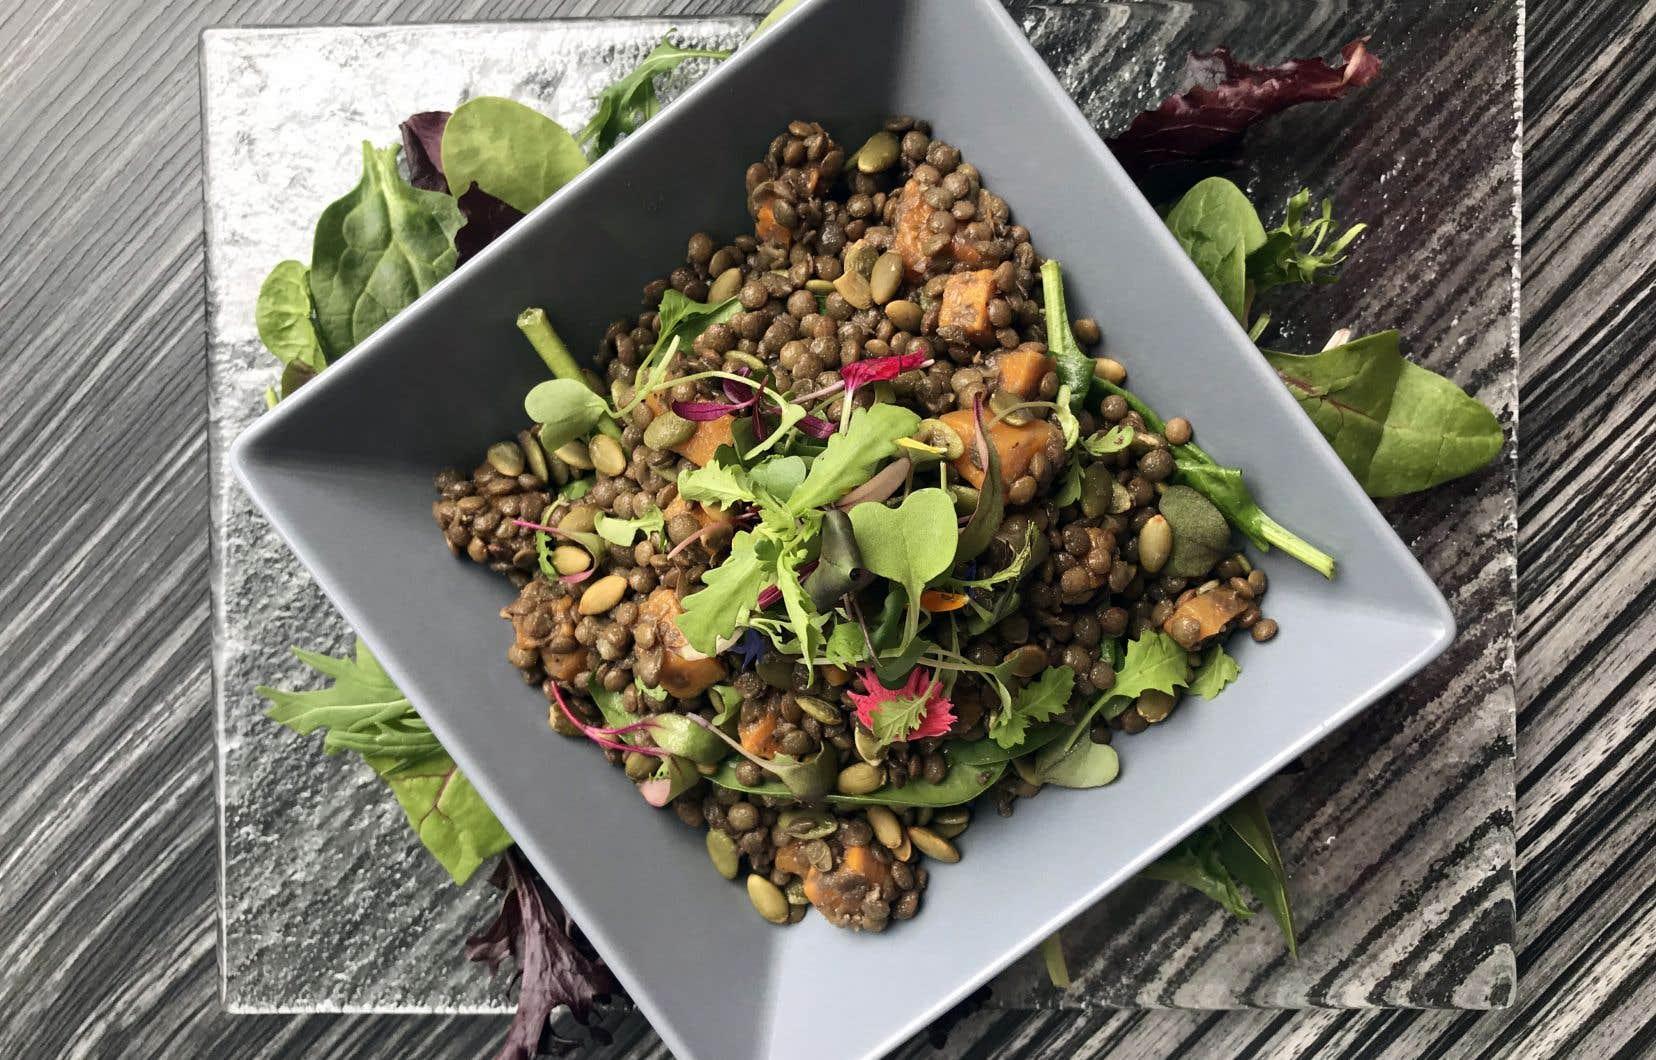 Après deux ou trois jours, si jamais la salade devient sèche, vous pouvez ajouter du yogourt, de la vinaigrette ou tout simplement un filet d'huile d'olive.